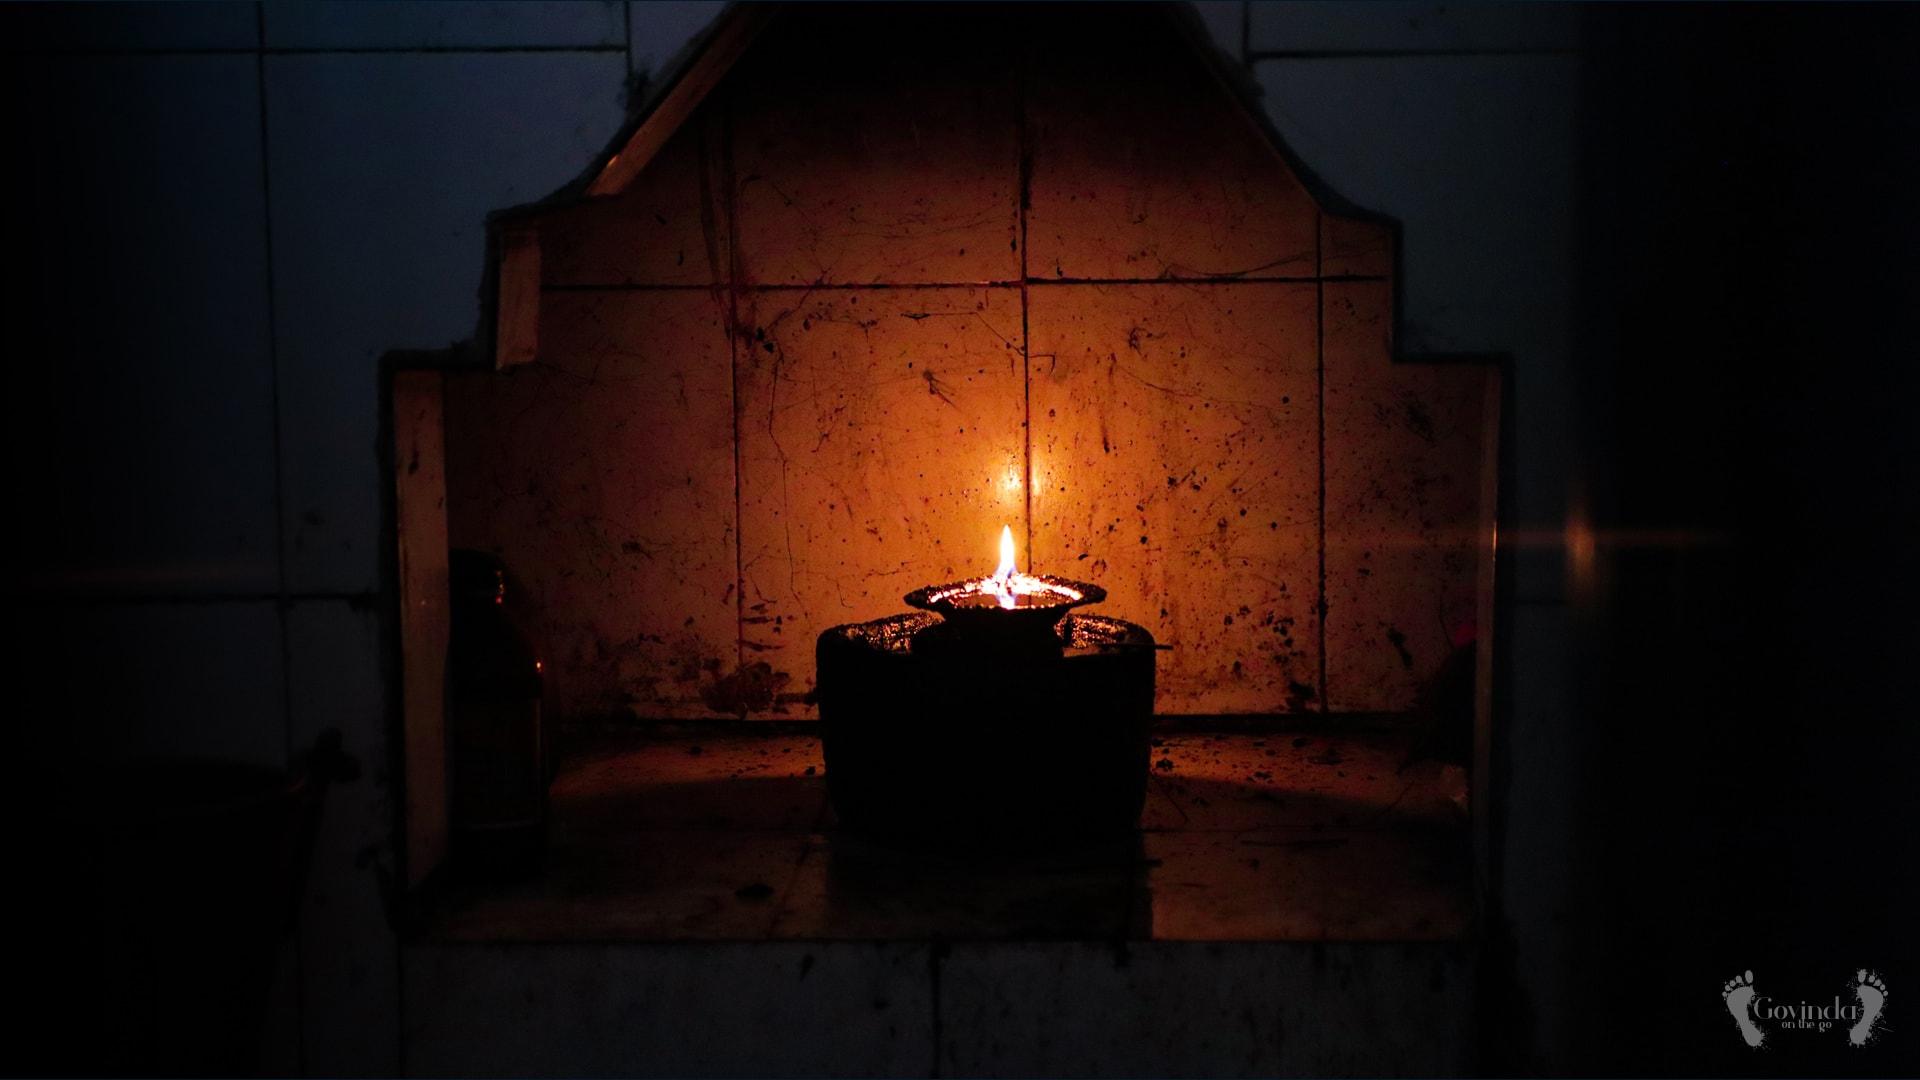 Candle lit by Chaitanya Mahaprabhu in Puri